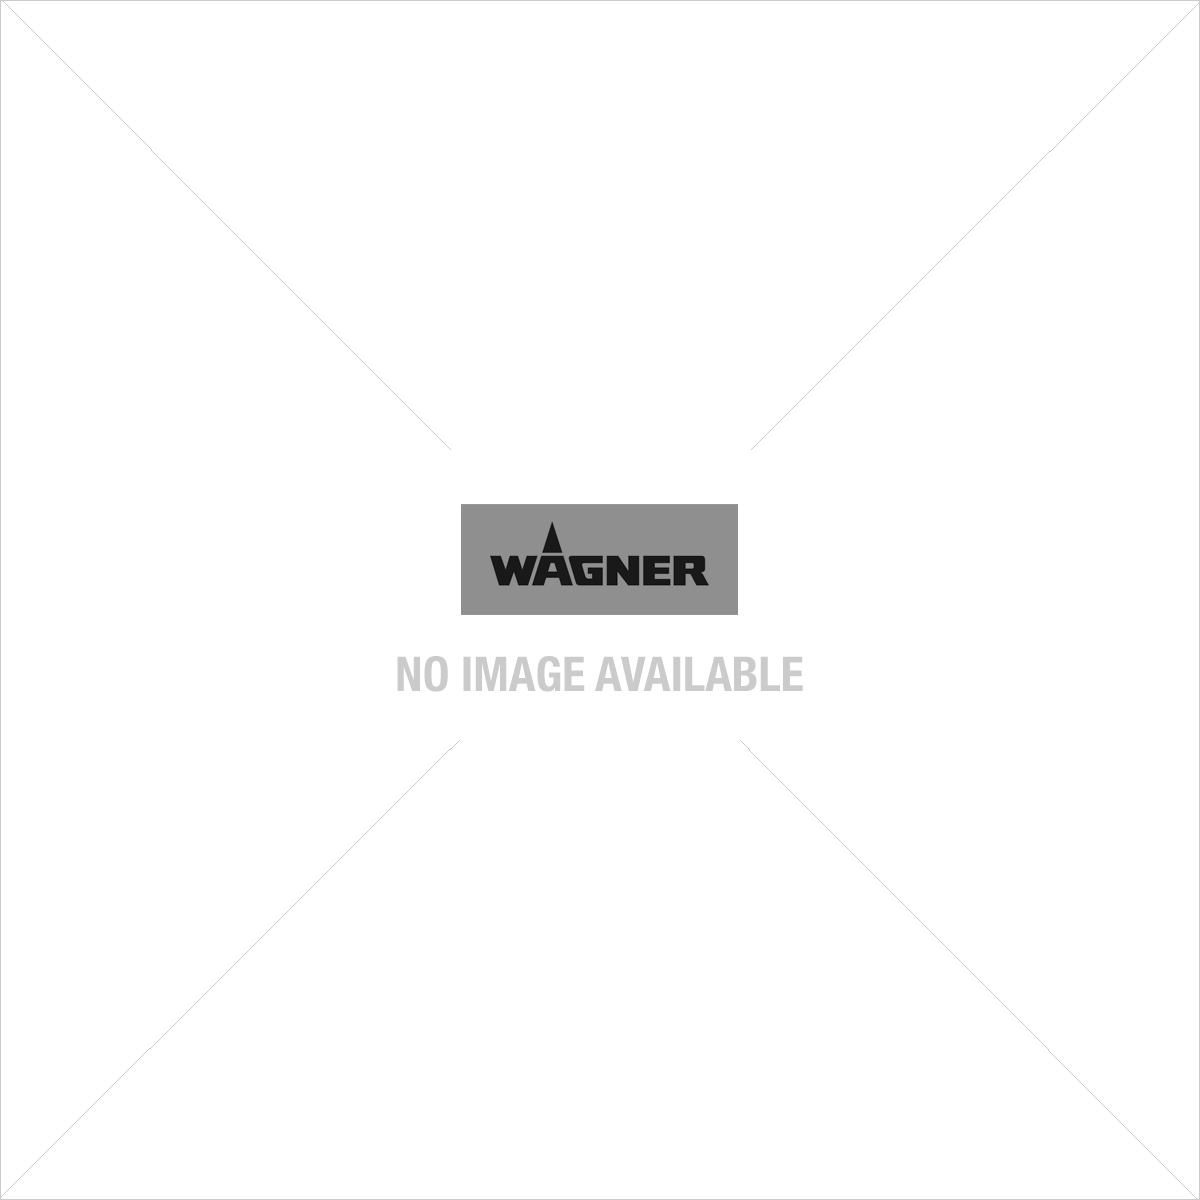 Wagner Alu beker met deksel 800 ml HVLP